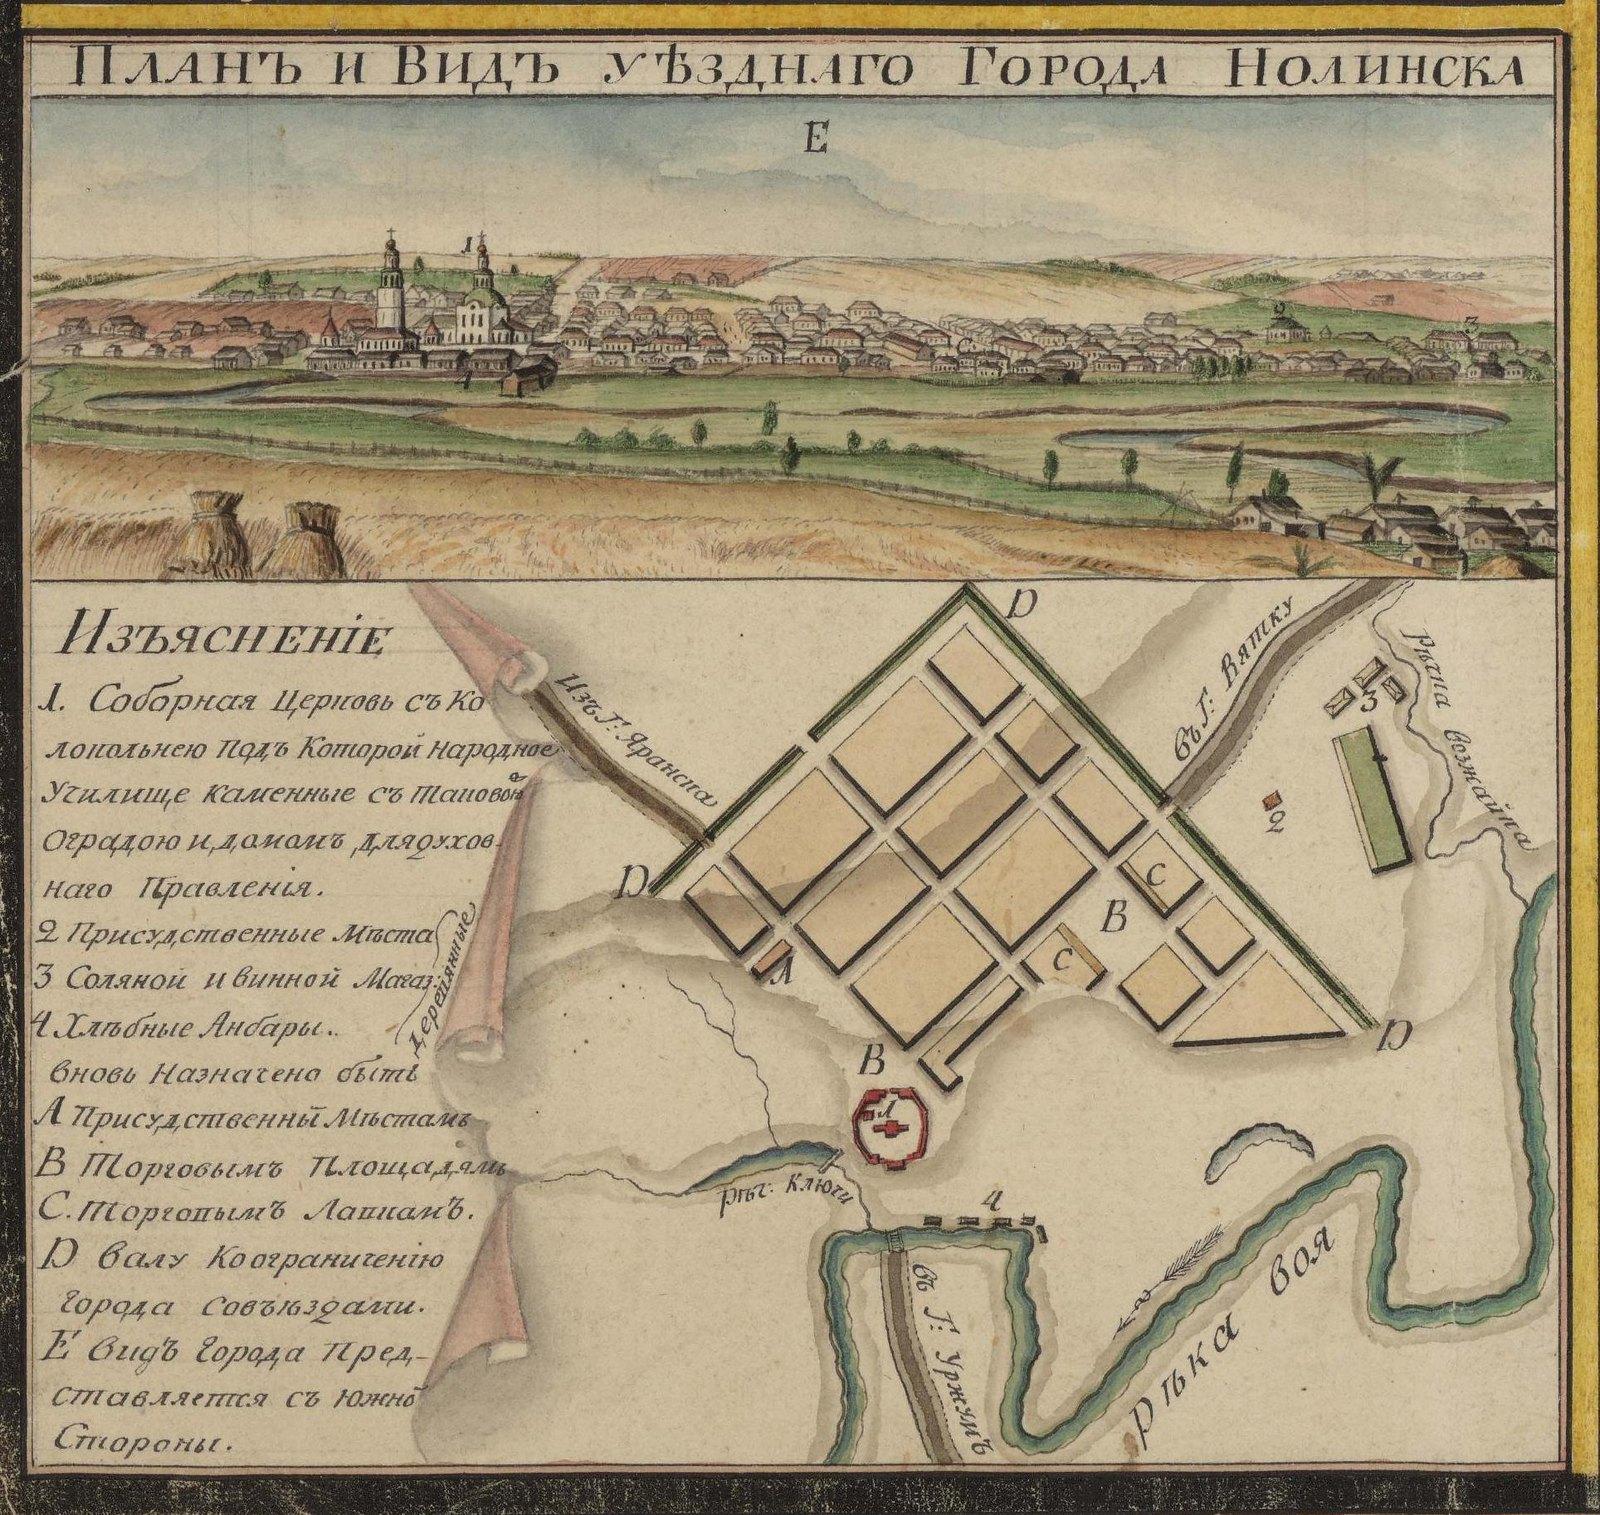 Генеральная карта Вятской губернии с планами и видами городов. 1806 - Copy (5)